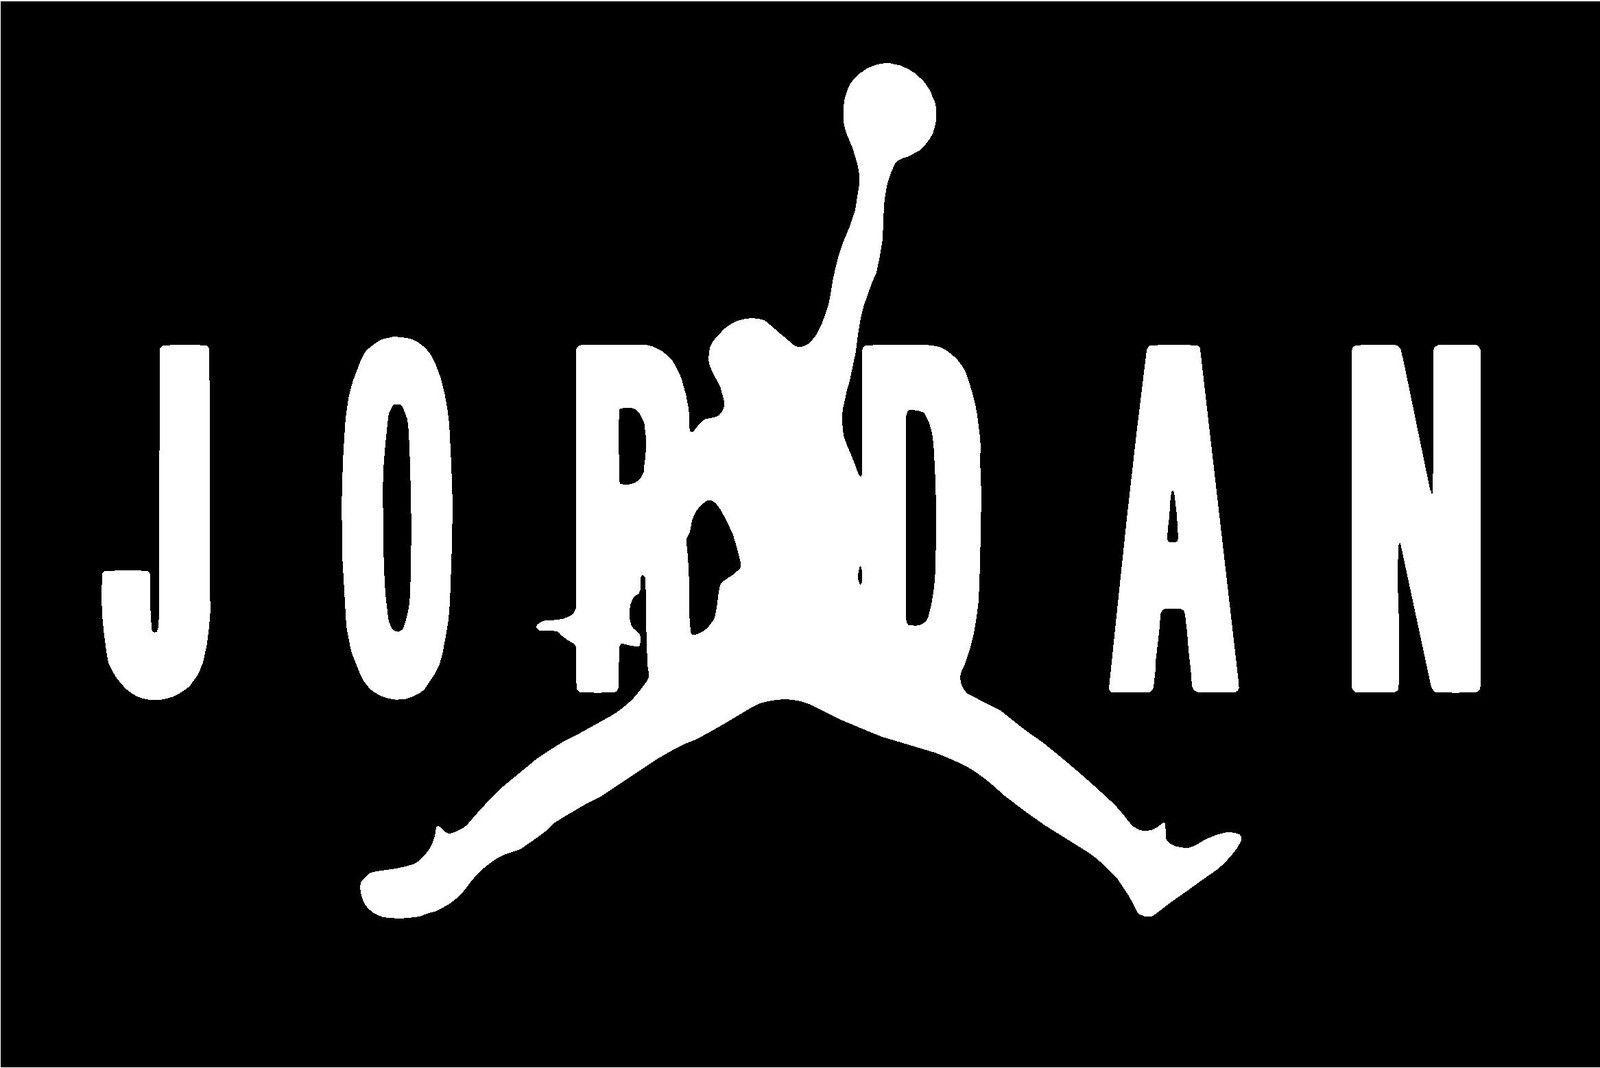 Michael Jordan Logo Wallpapers Wallpapersafari